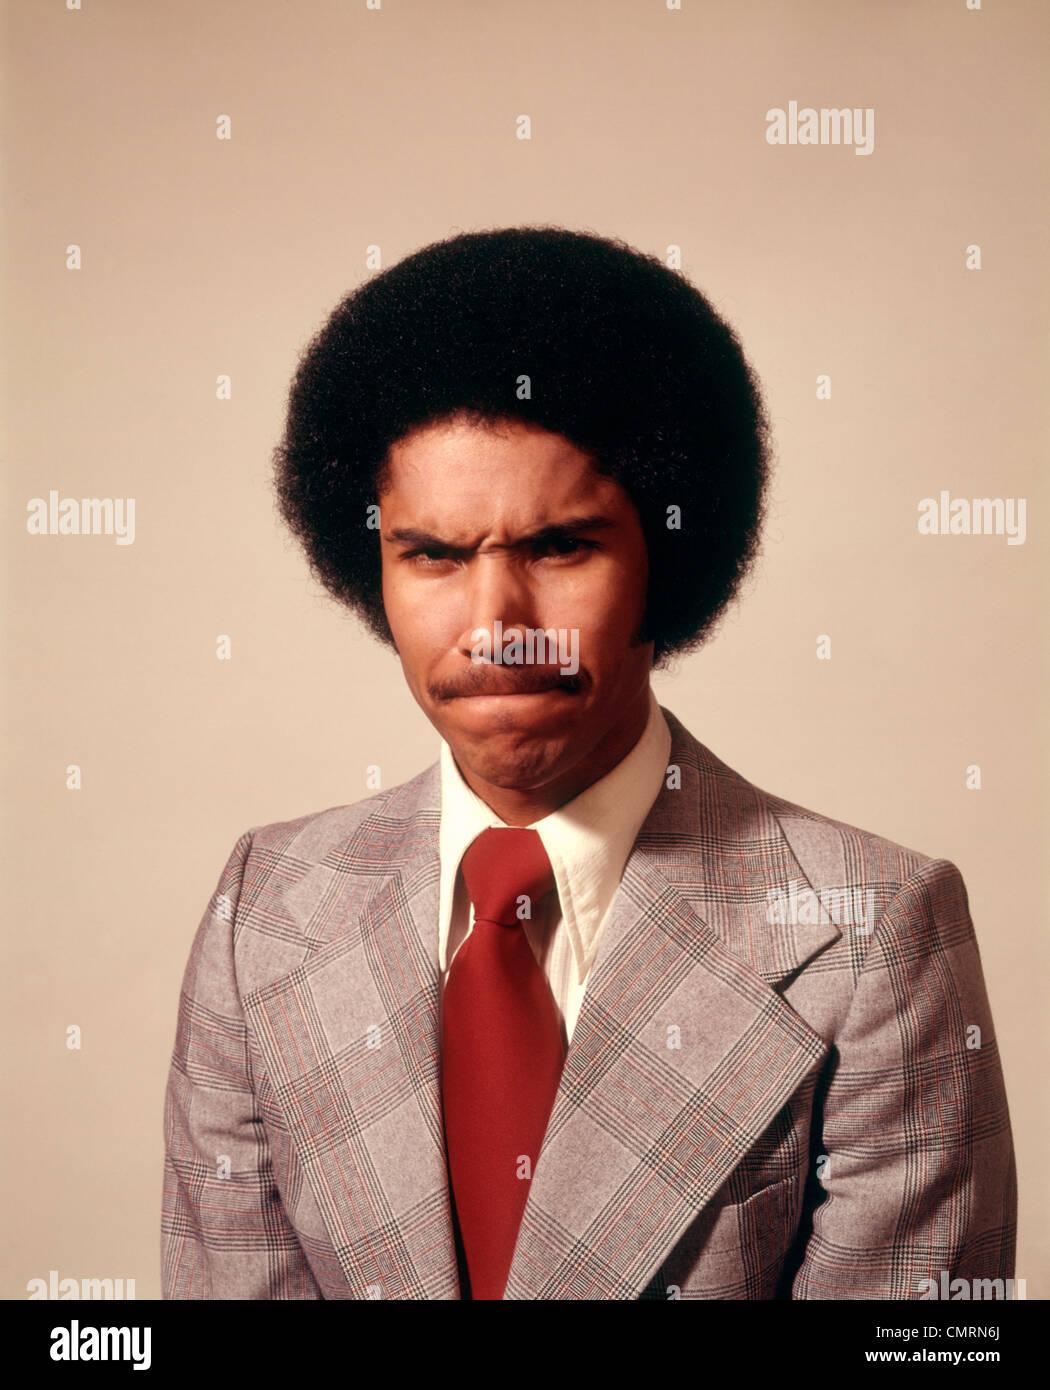 Américain Afro 1970 Clq54arj3 Homme D'affaires En Costume De txhsrdQCB